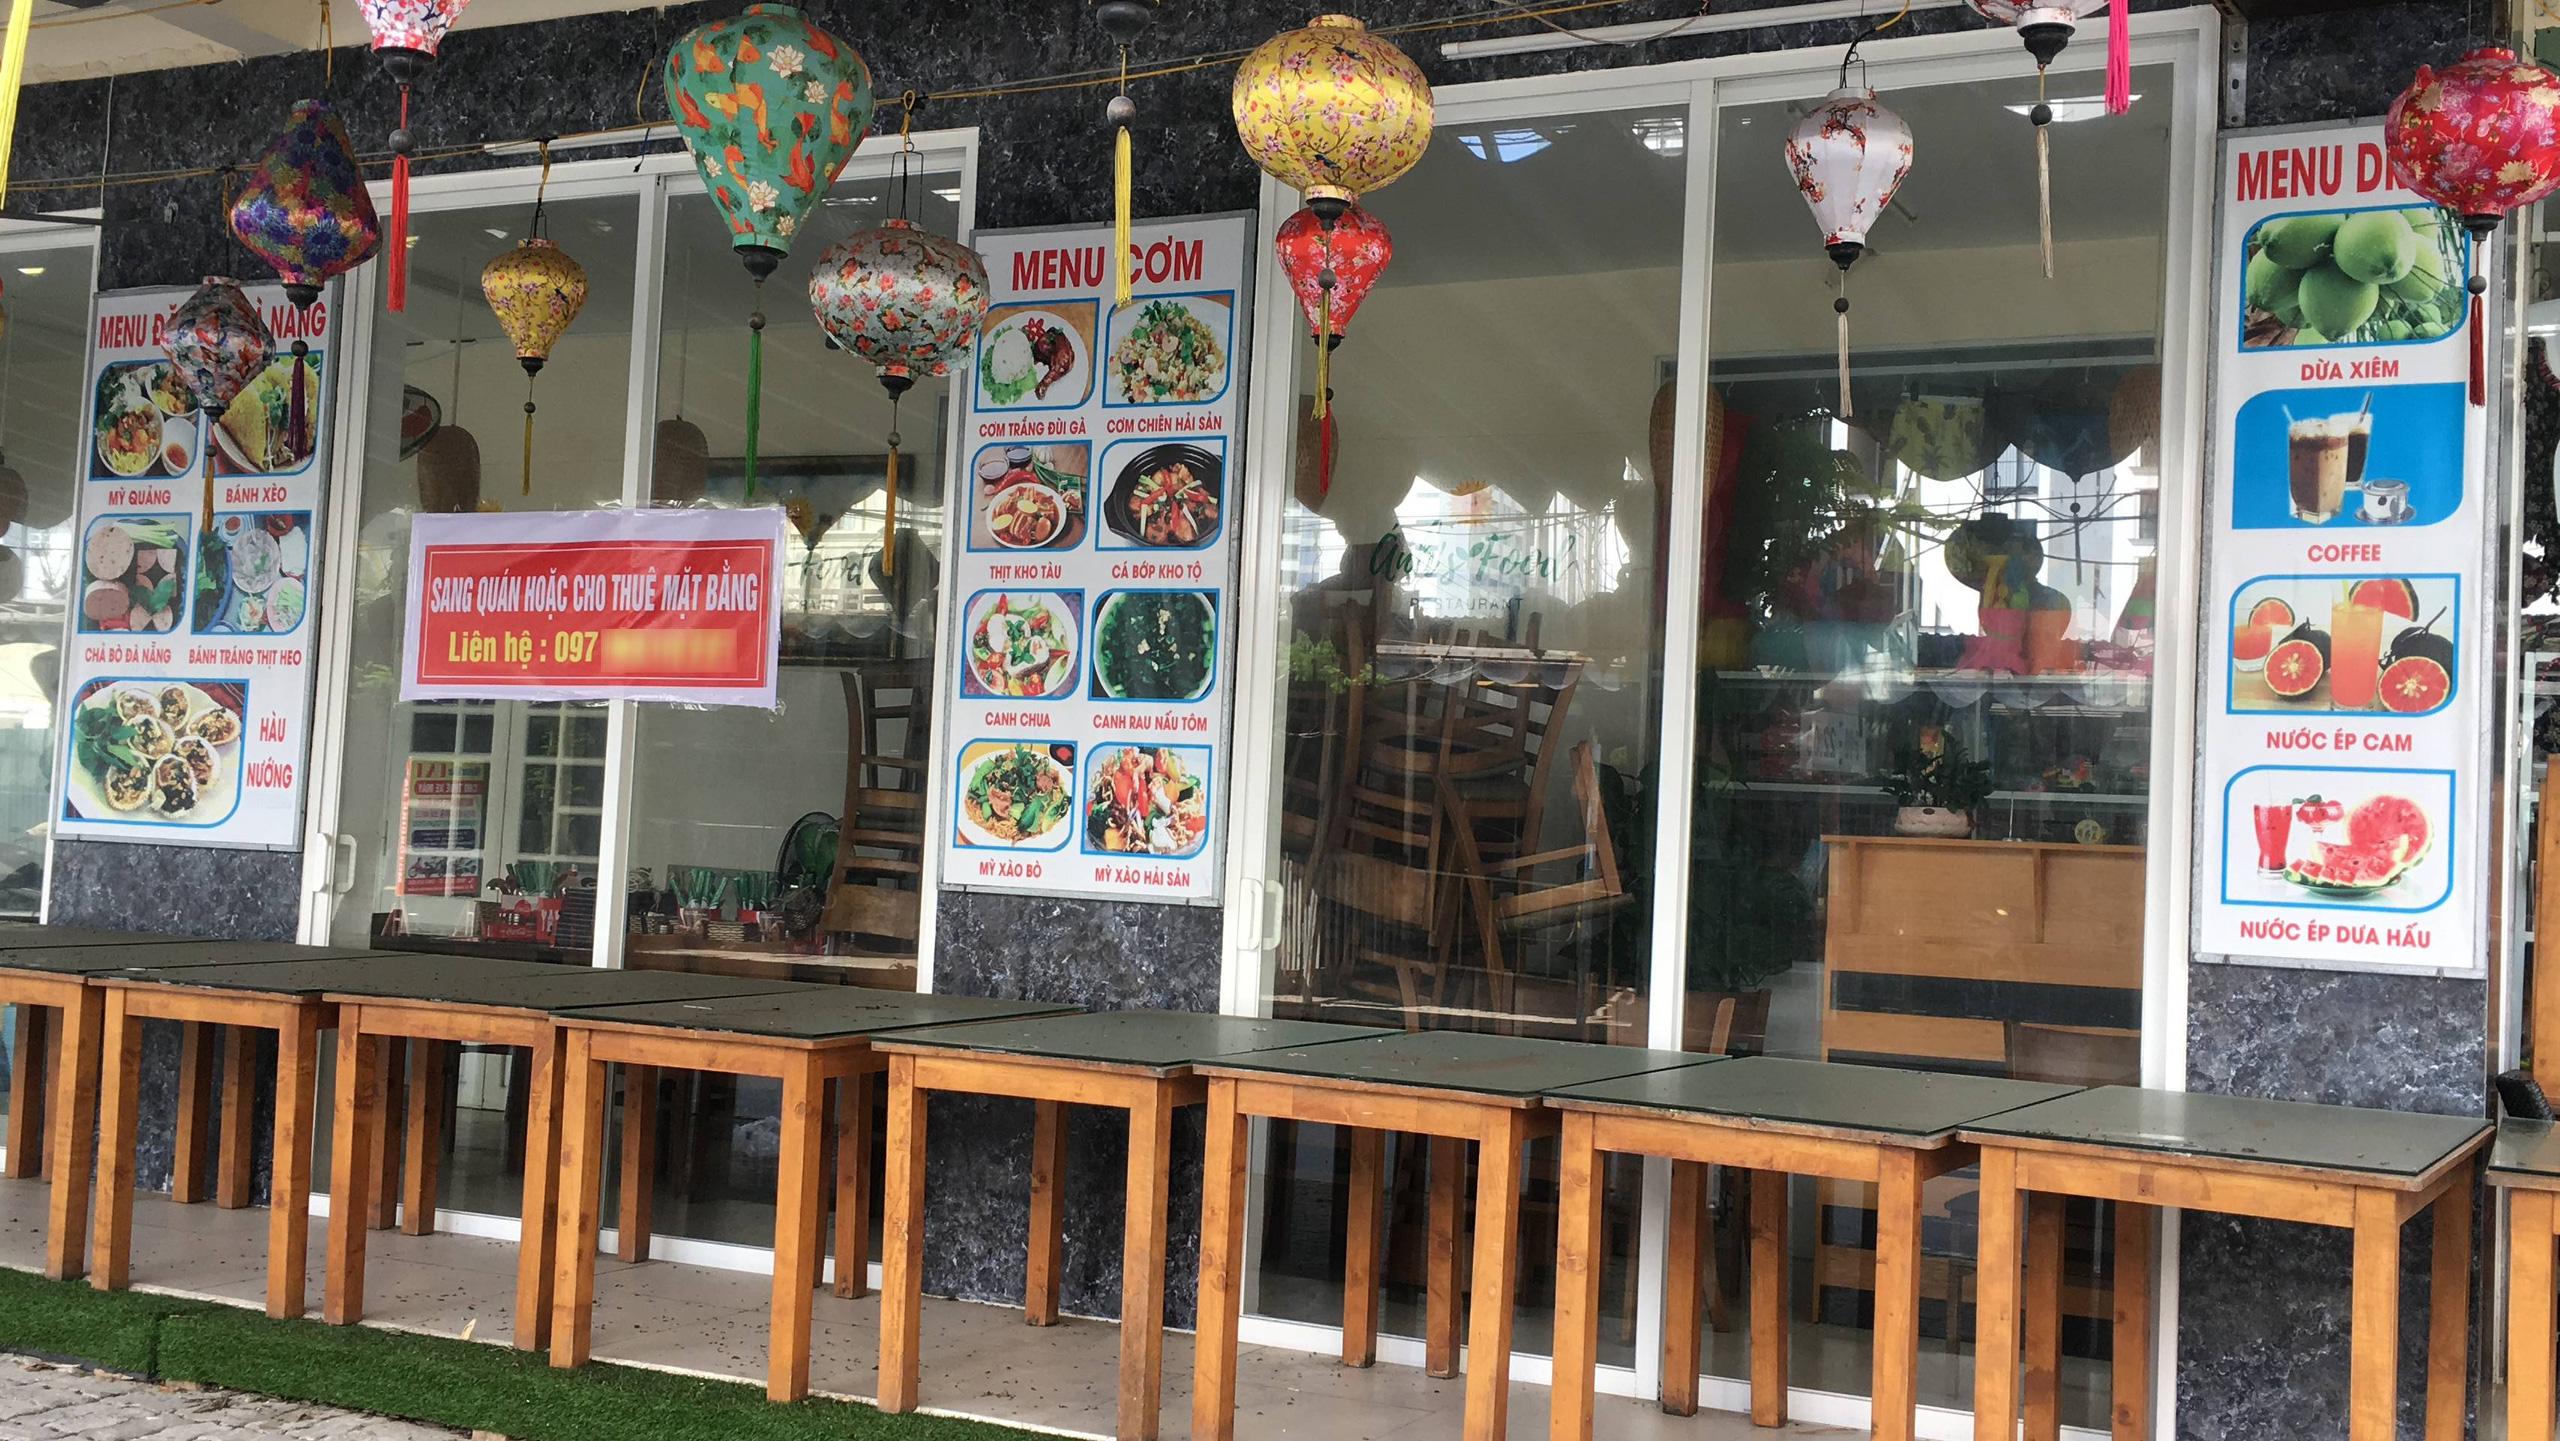 Rao bán nhà ồ ạt ở phố Tây Đà Nẵng, thấp nhất 110 triệu/m2 - Ảnh 18.